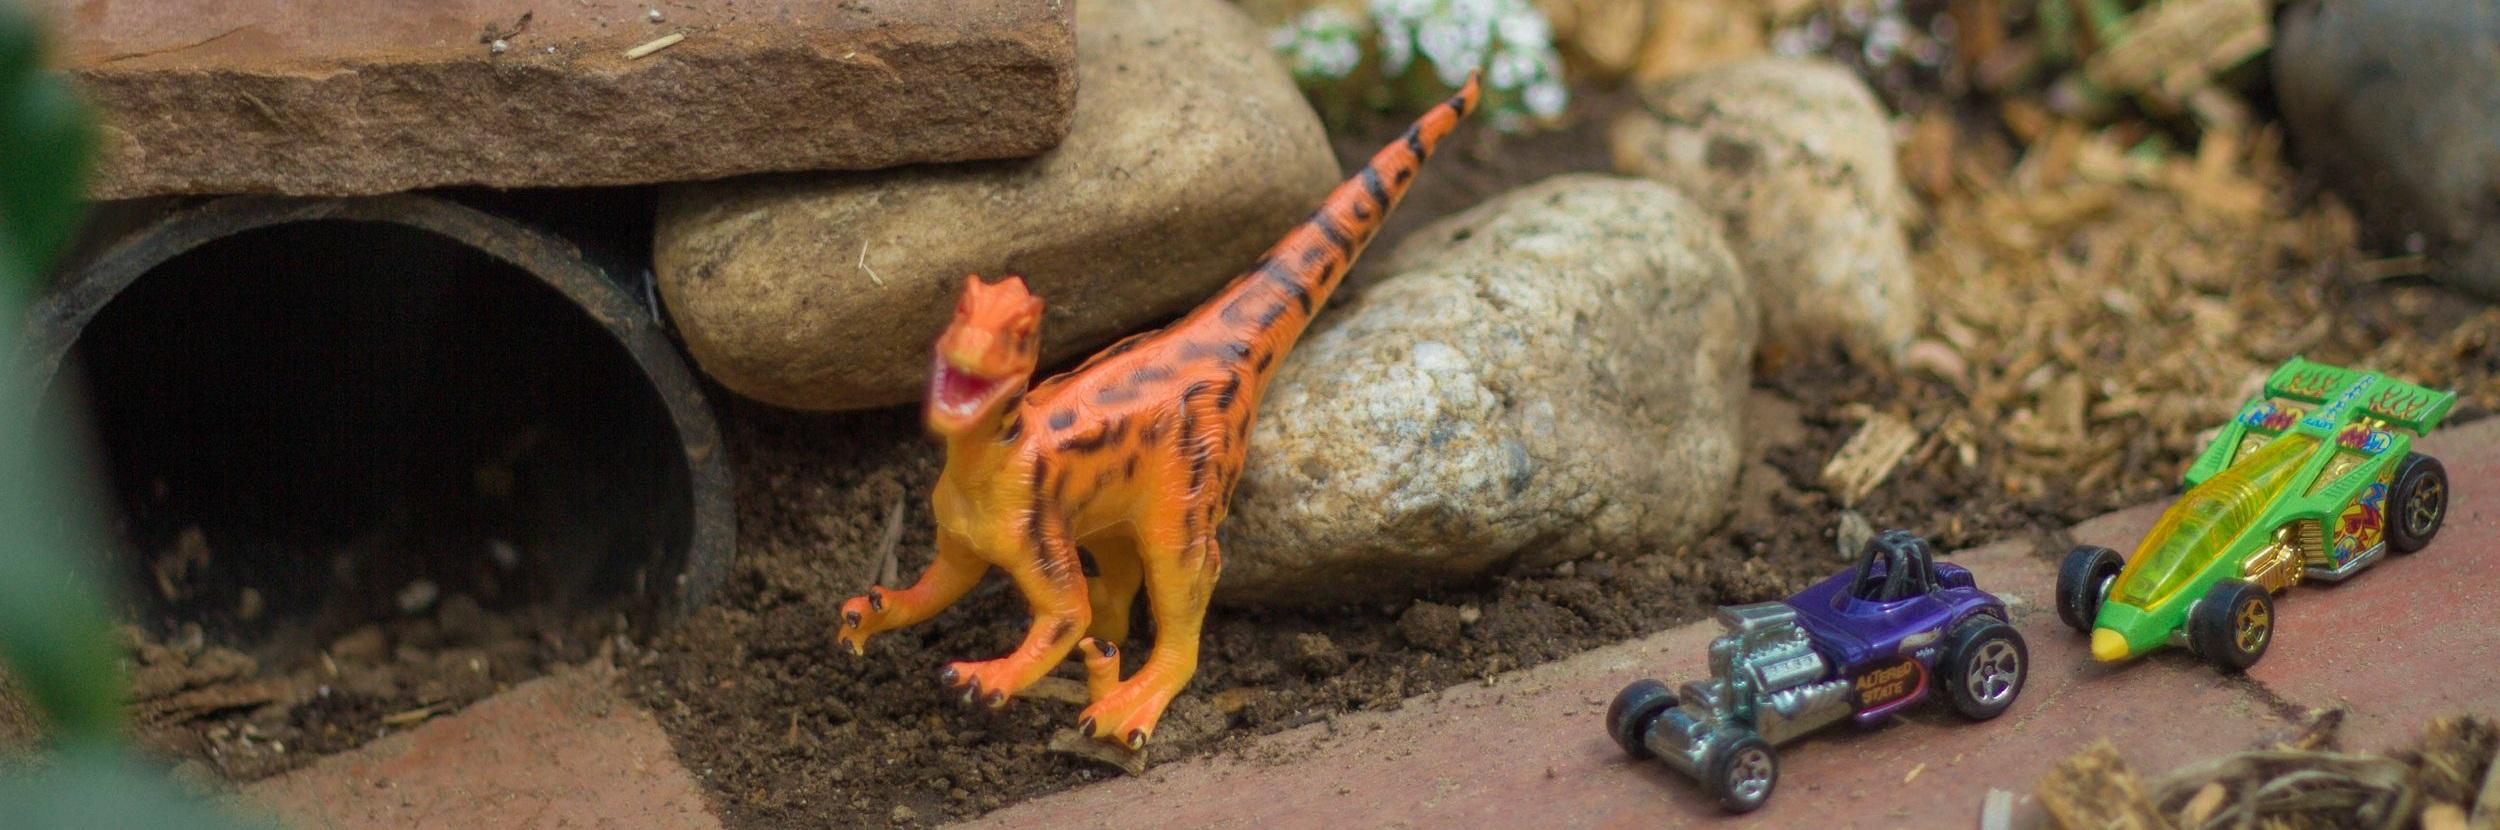 dinosaur fairy garden diy.jpg